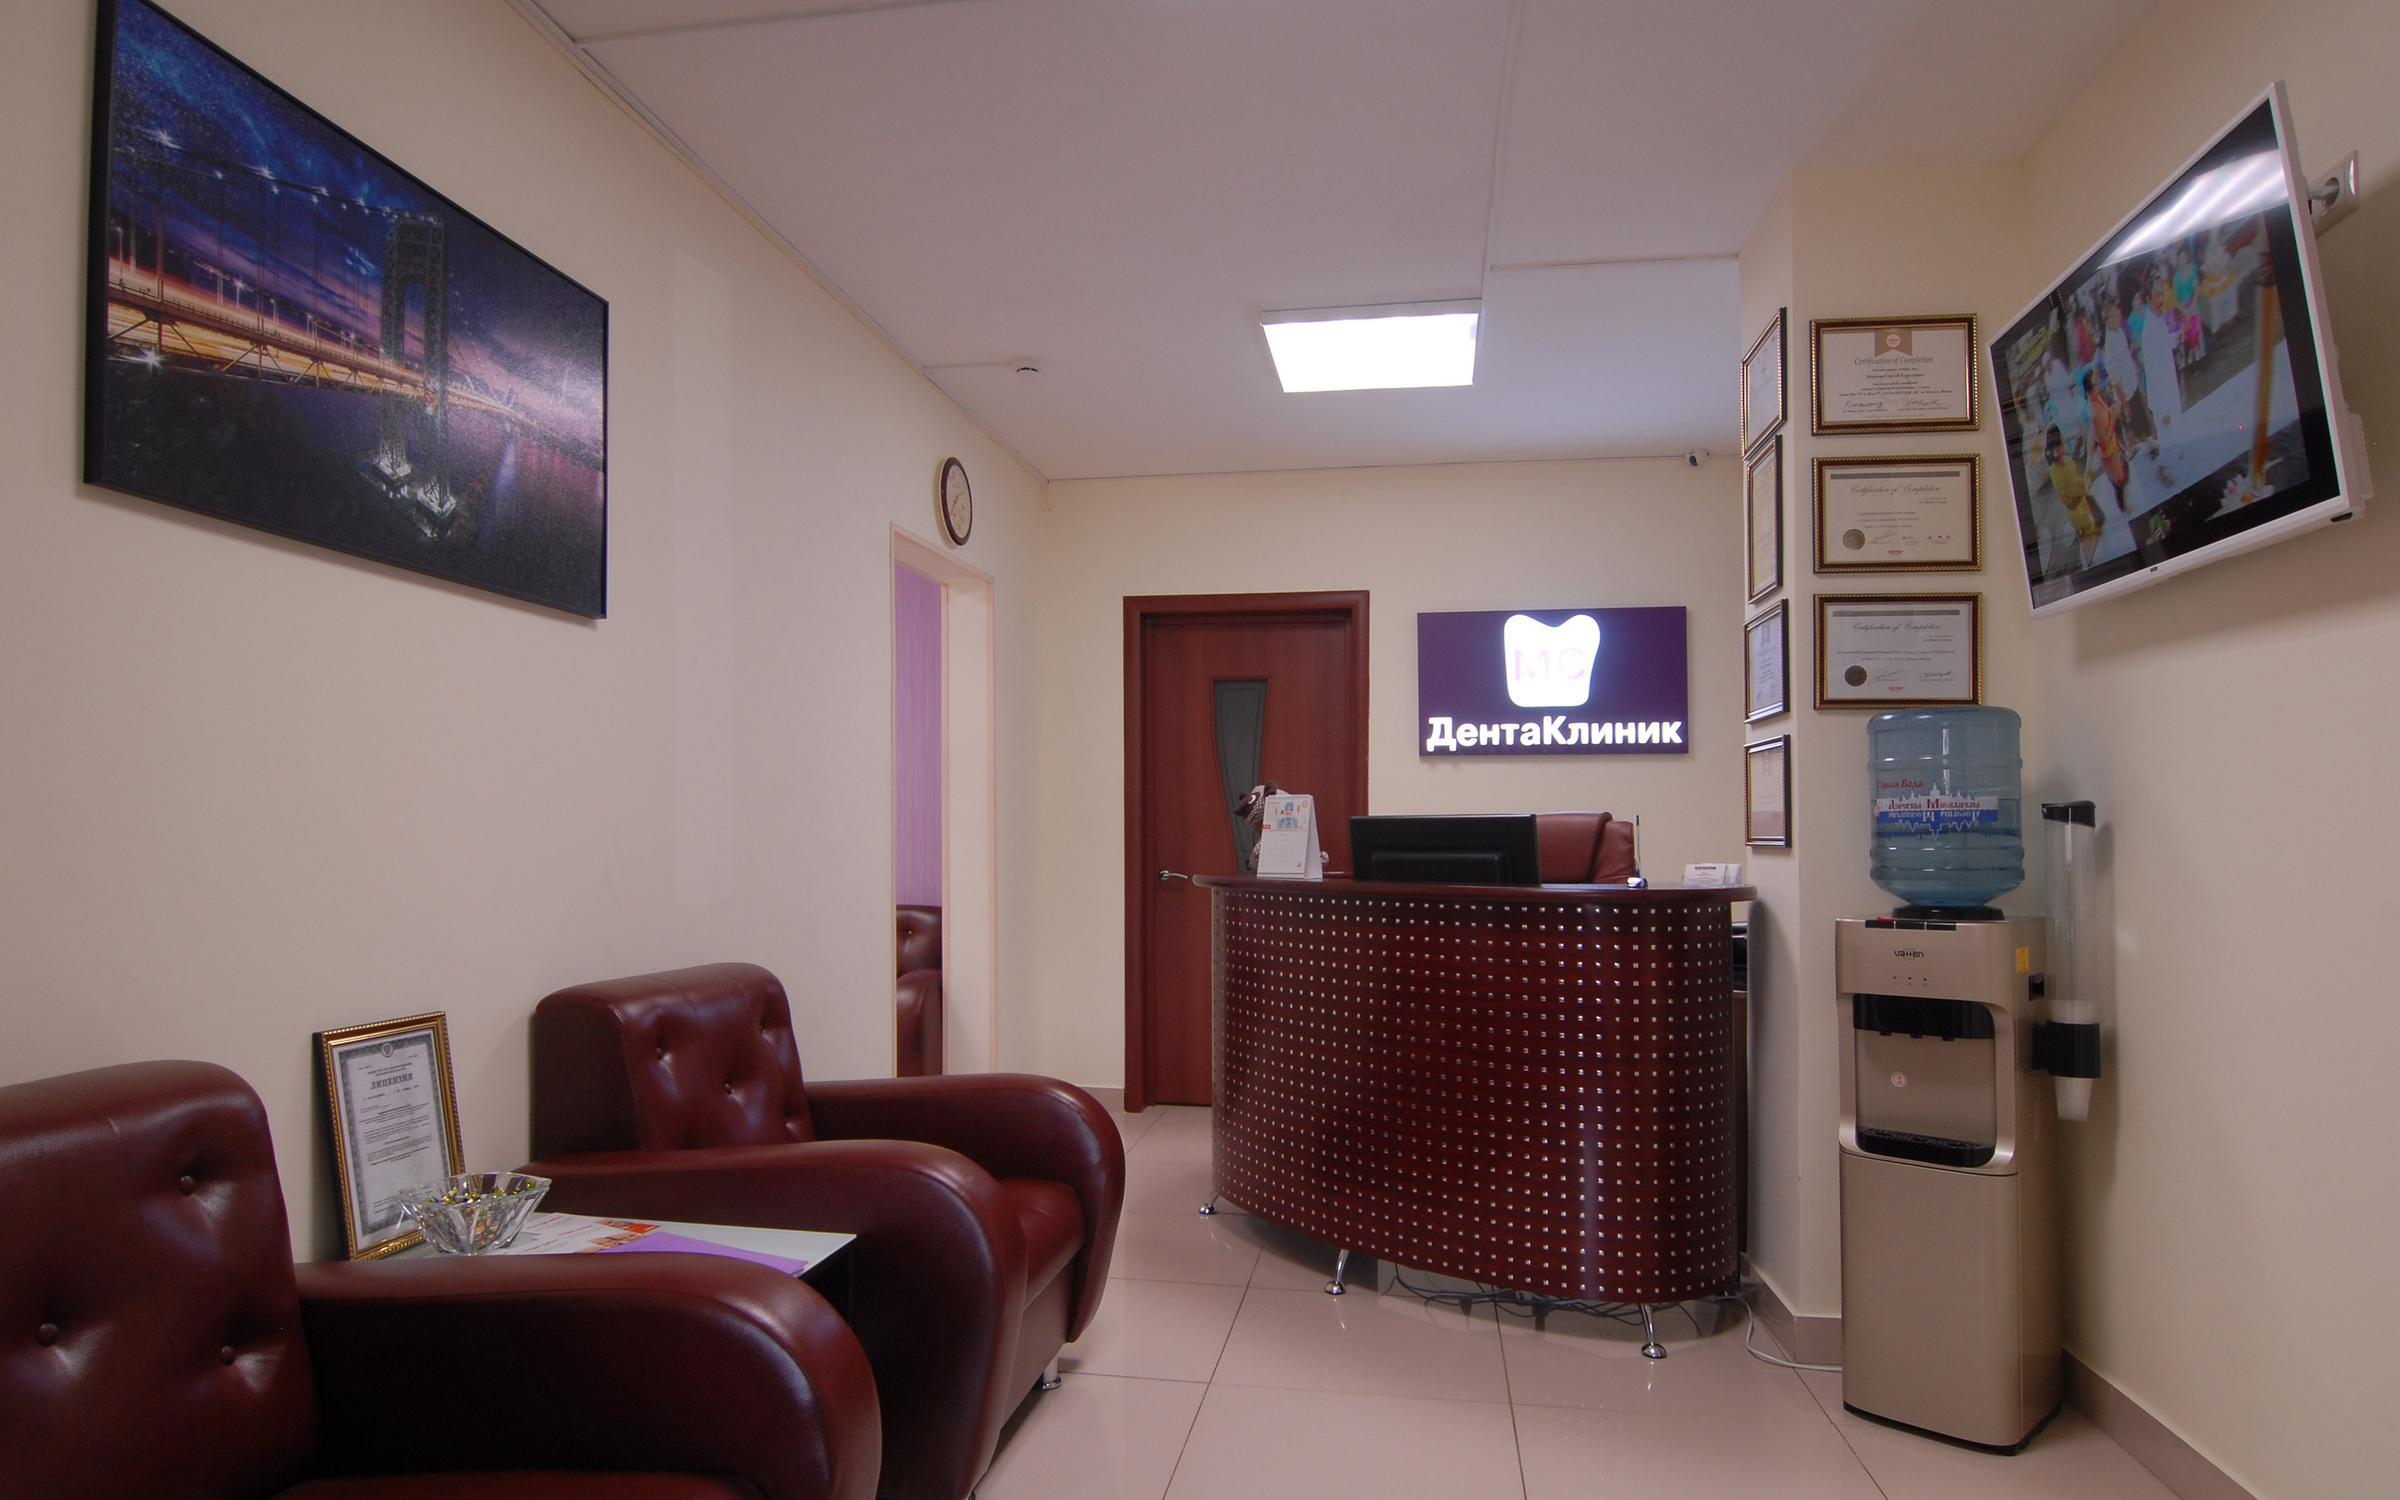 фотография Стоматологии МС-ДентаКлиник в Долгопрудном